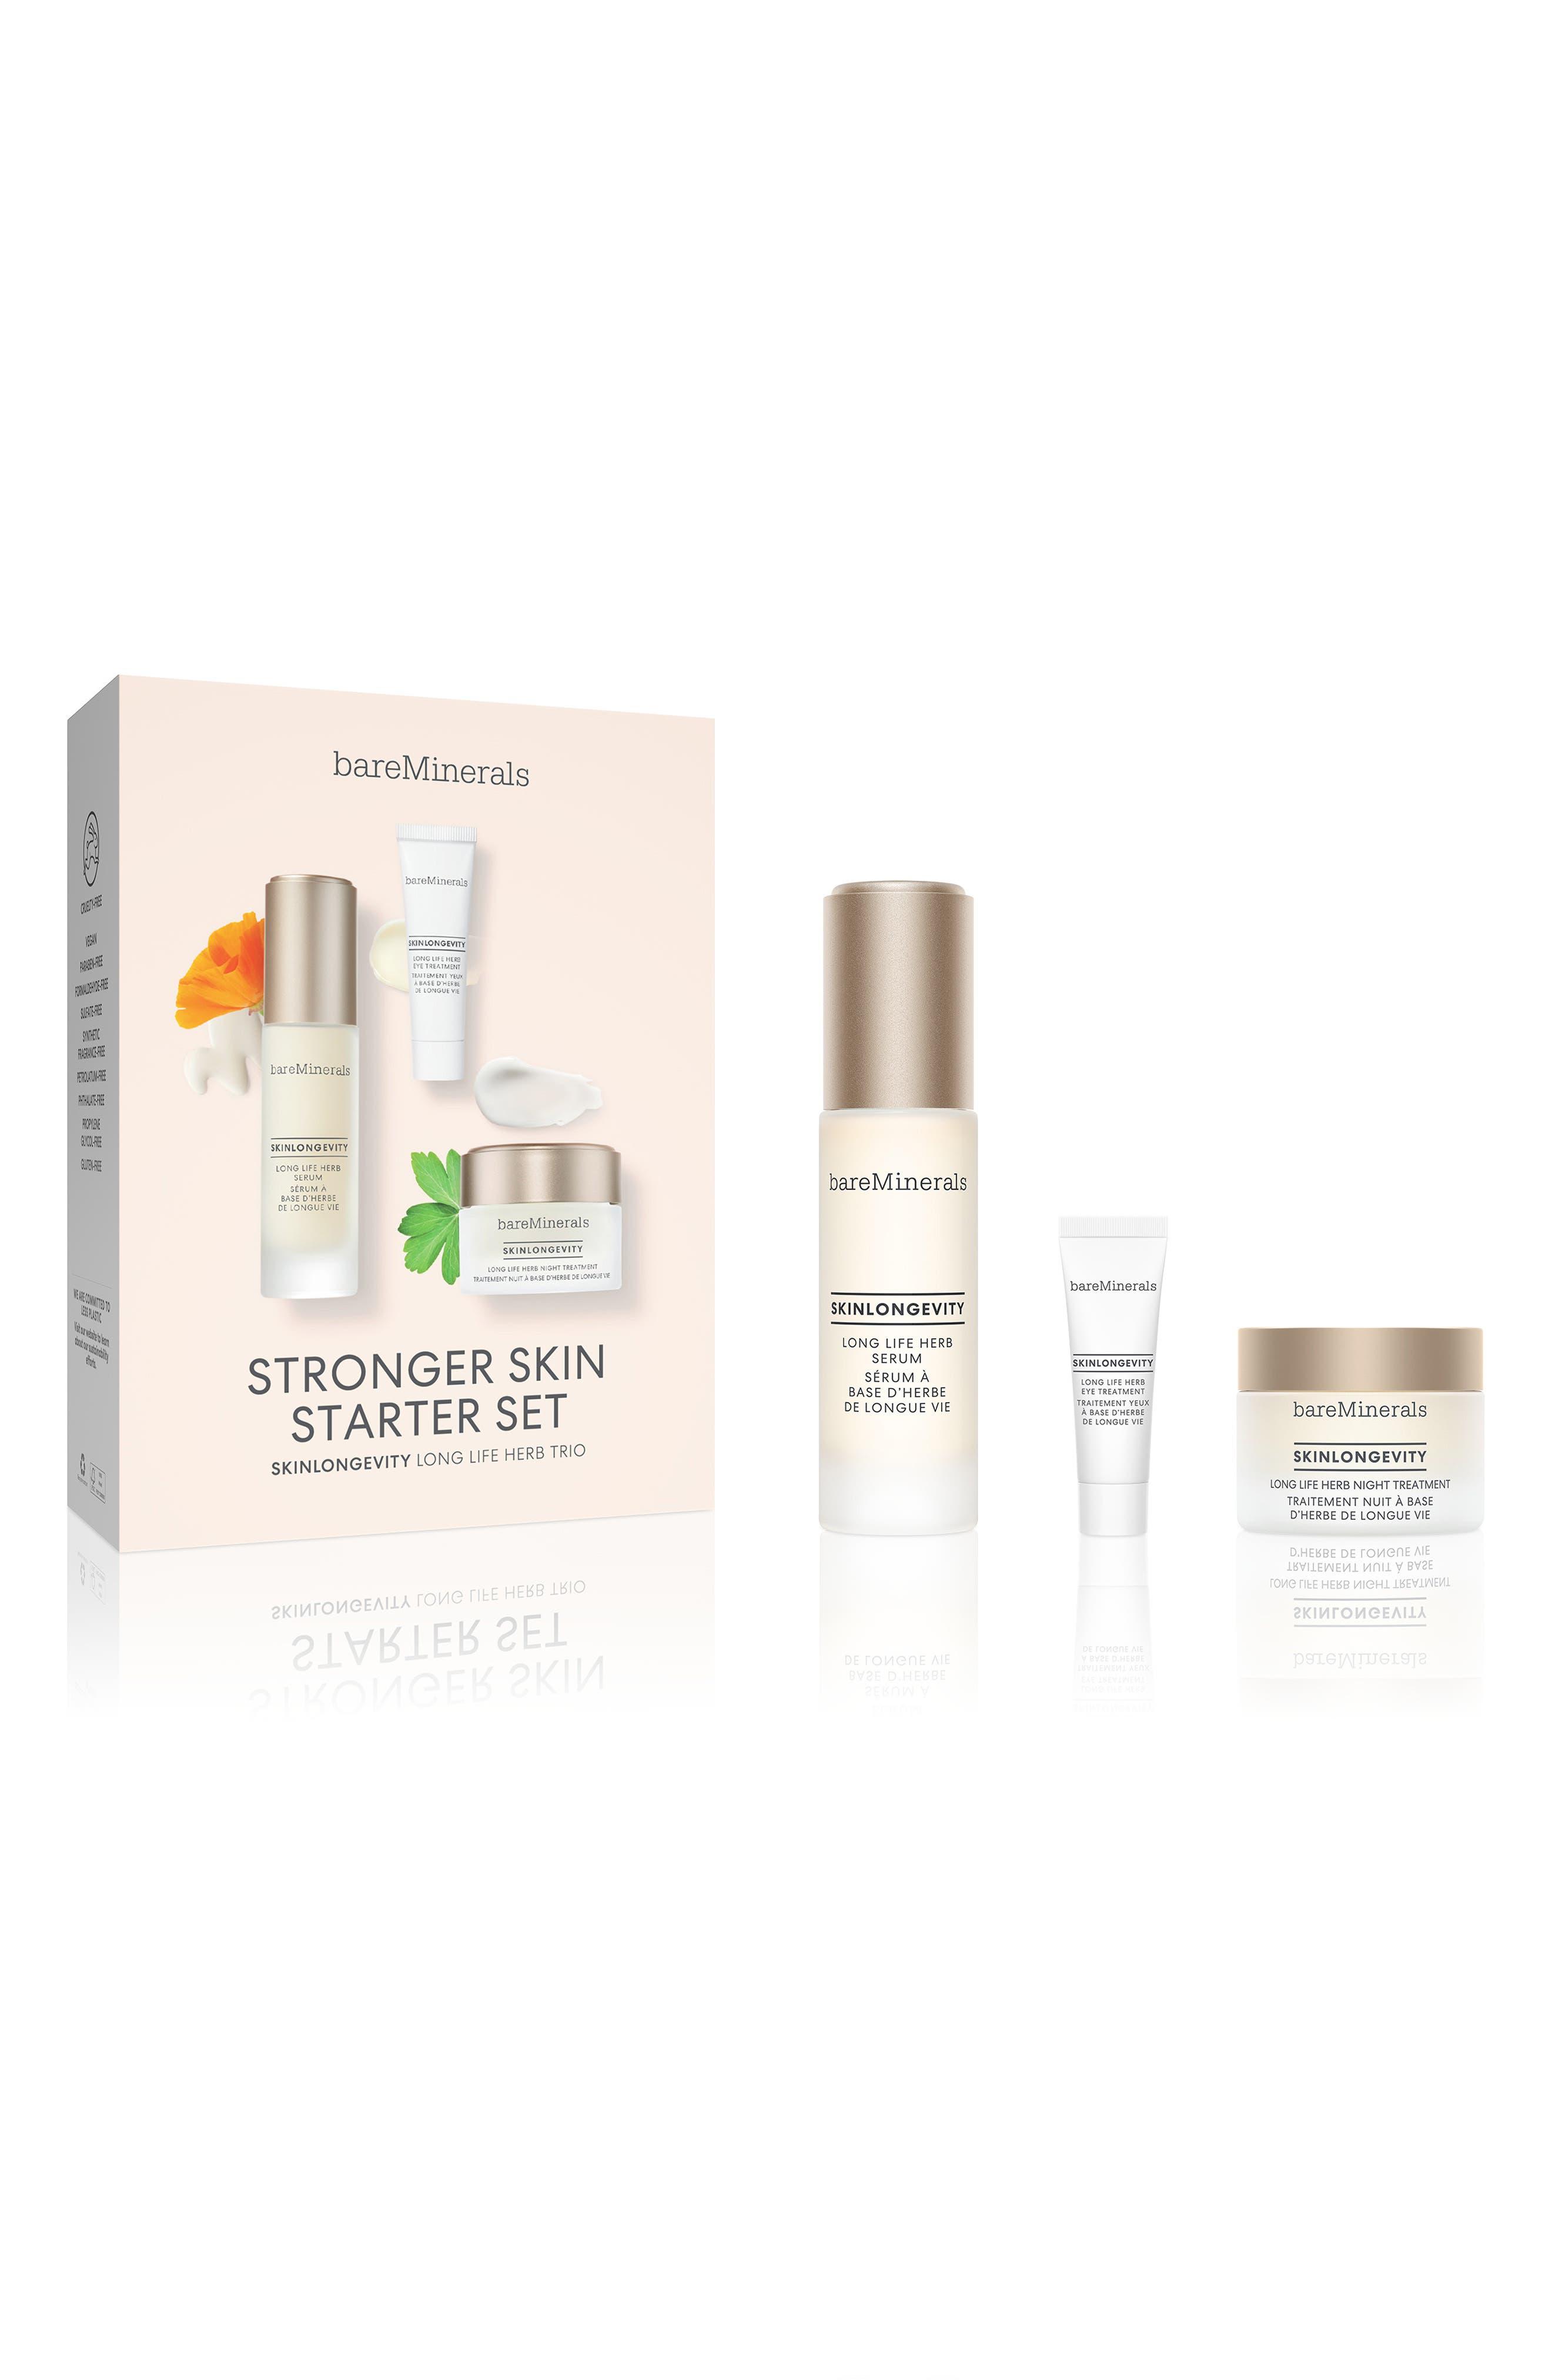 Bareminerals Stronger Skin Starter Set